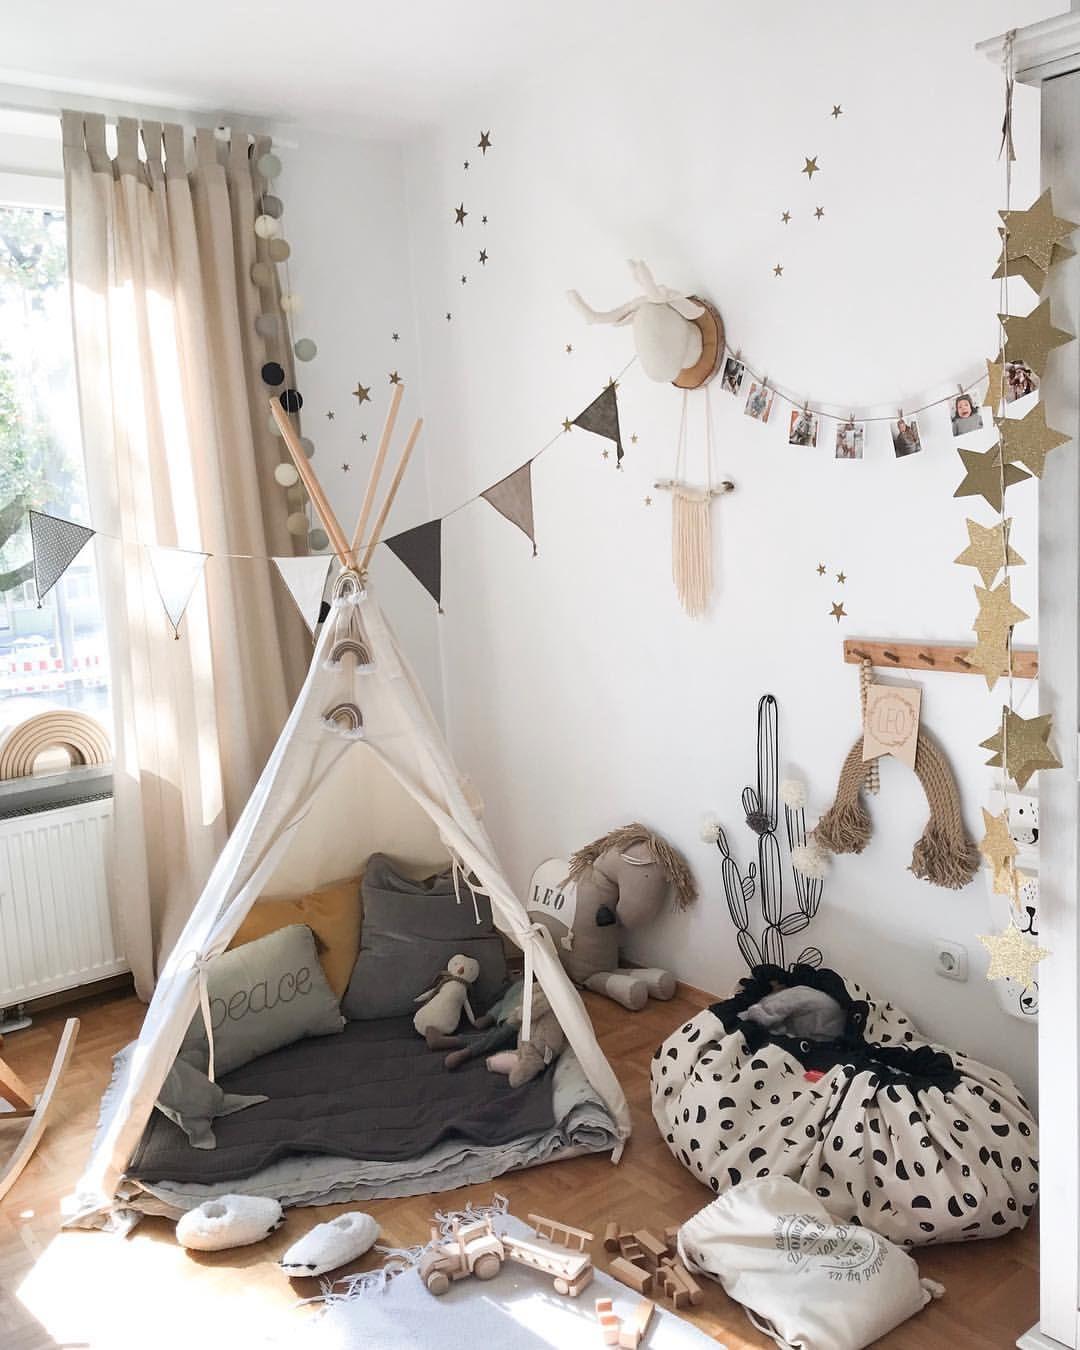 Full Size of Jungen Kinderzimmer Babyzimmer Junge Mdchen Einrichten Idee Inspo Regale Regal Weiß Sofa Kinderzimmer Jungen Kinderzimmer